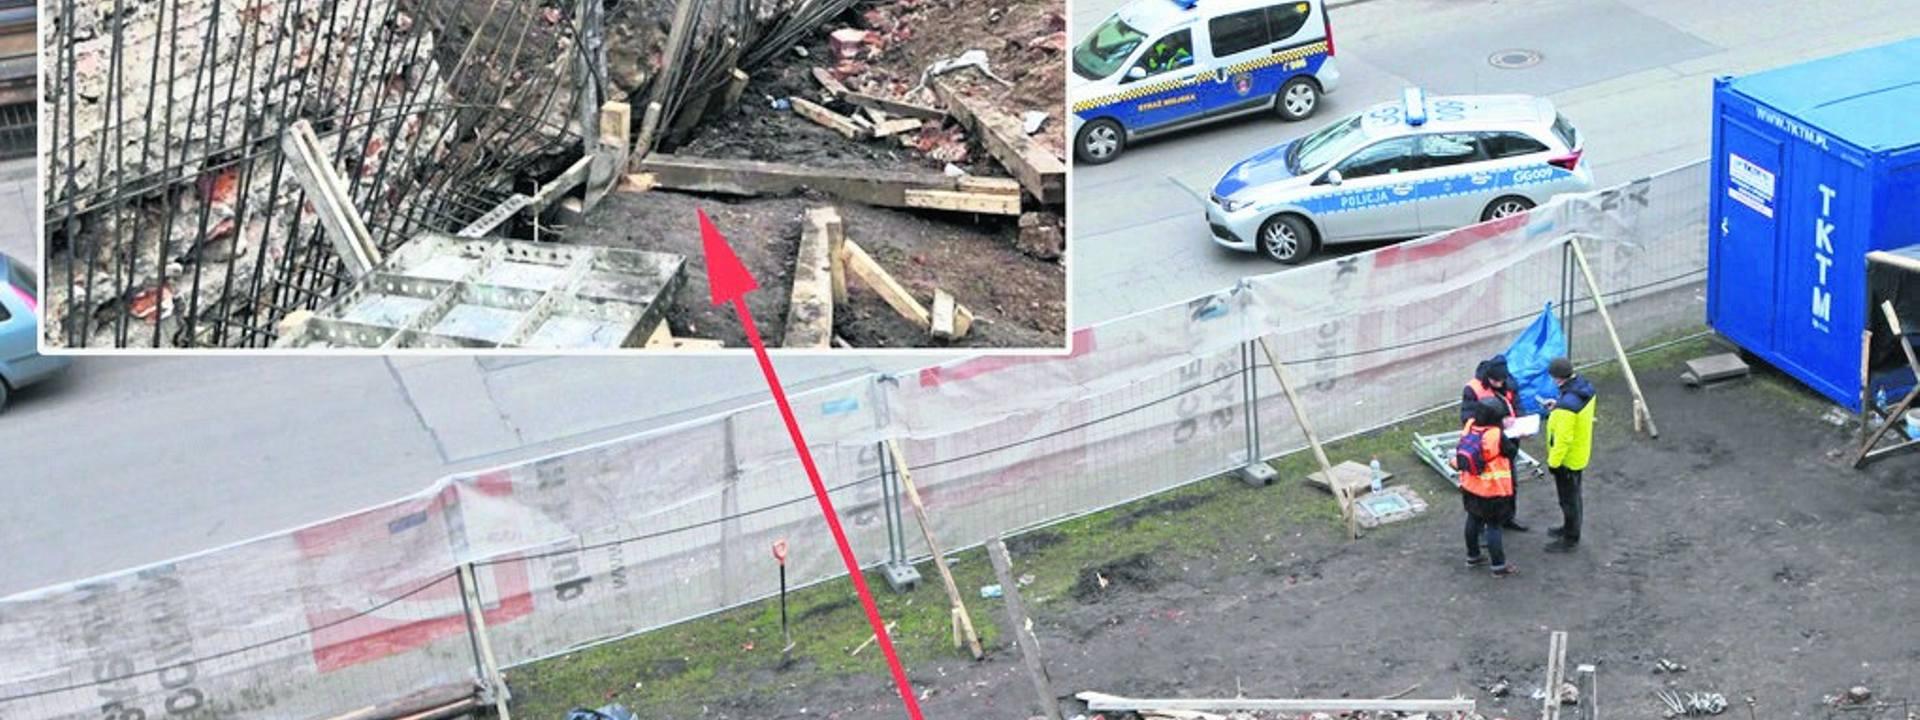 Kraków. Prokuratura wszczęła śledztwo w sprawie sobotniej tragedii pod Wawelem